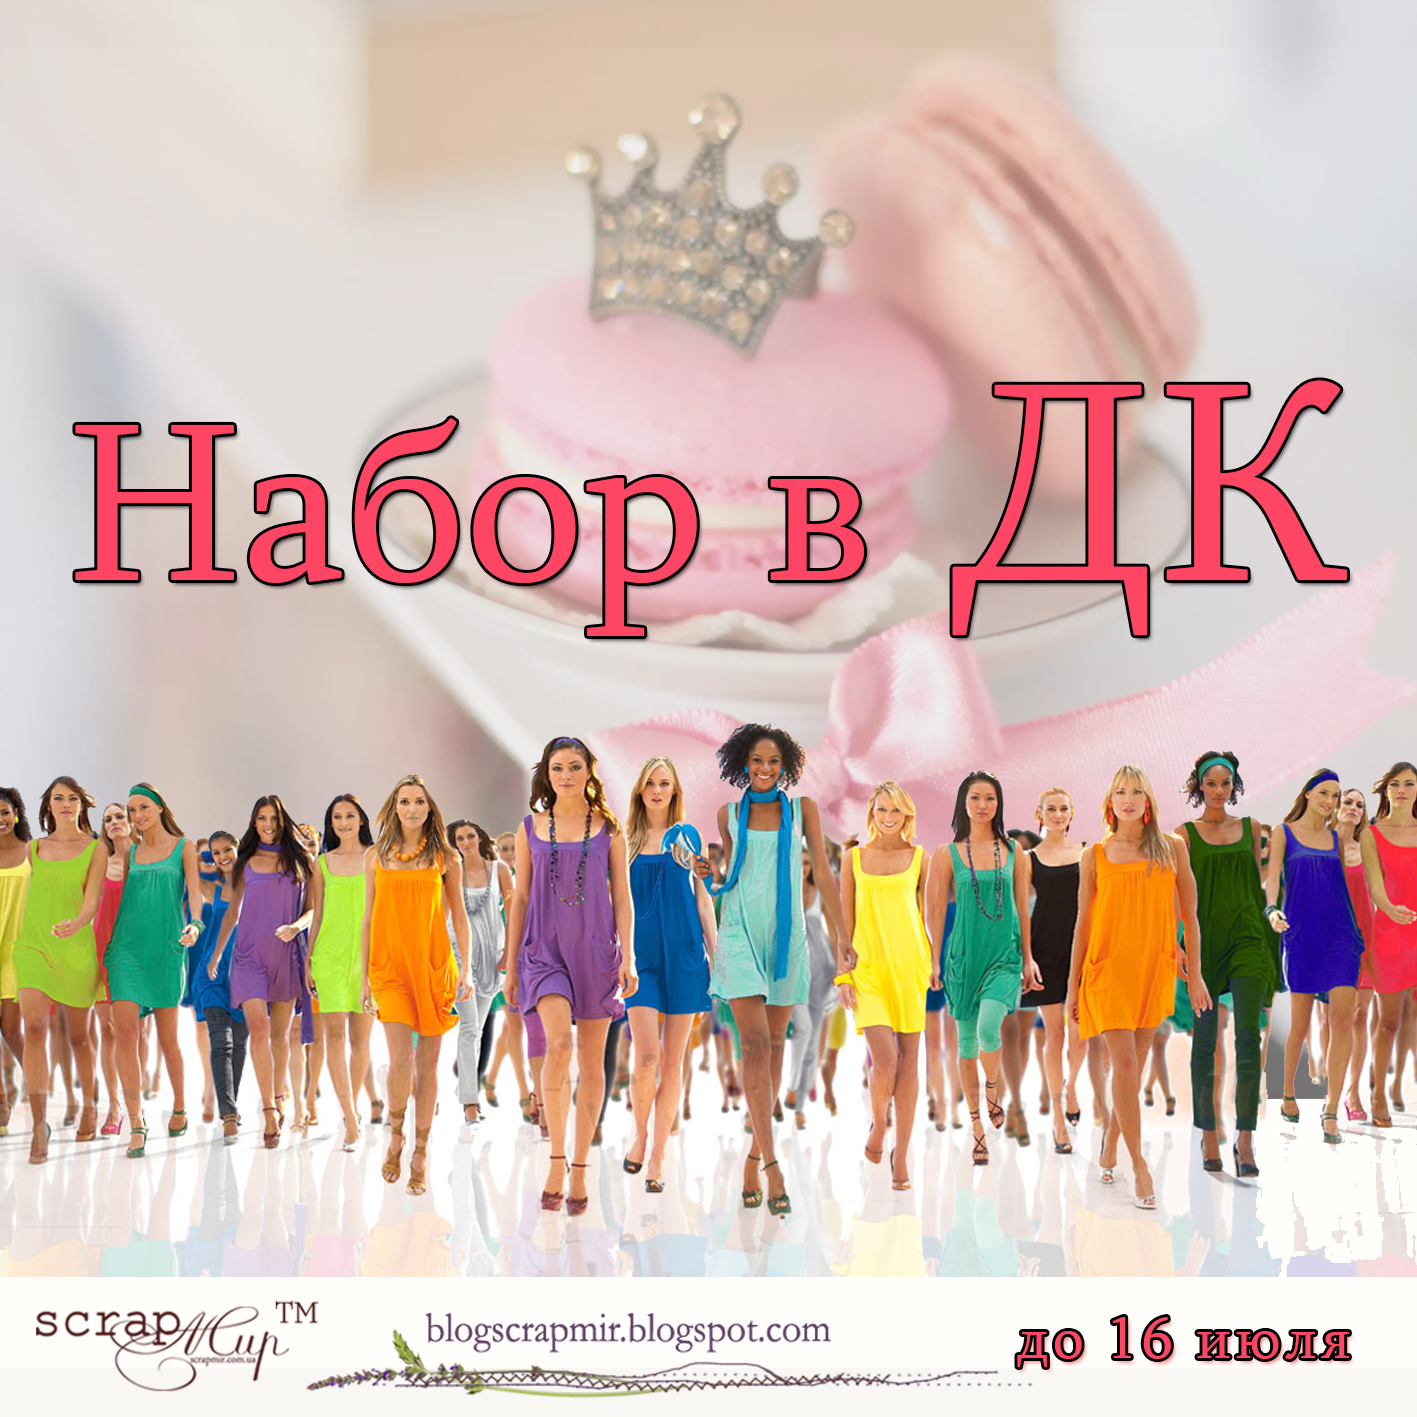 Набор в ДК СкрапМир